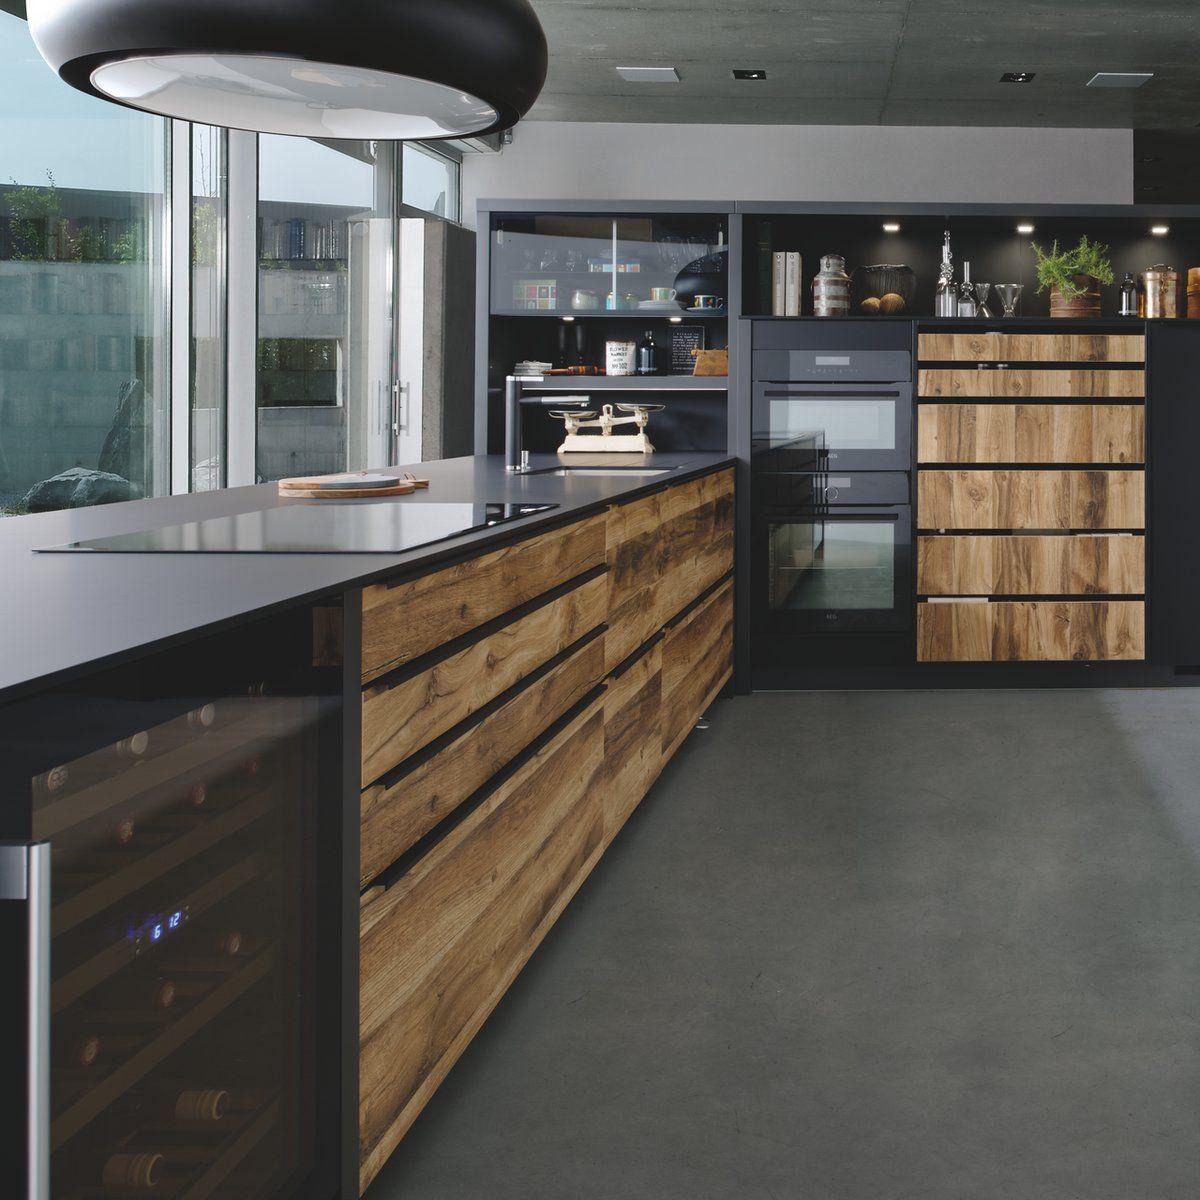 Soldes Schmidt Cuisine Moderne Cuisine Loft Cuisine Appartement